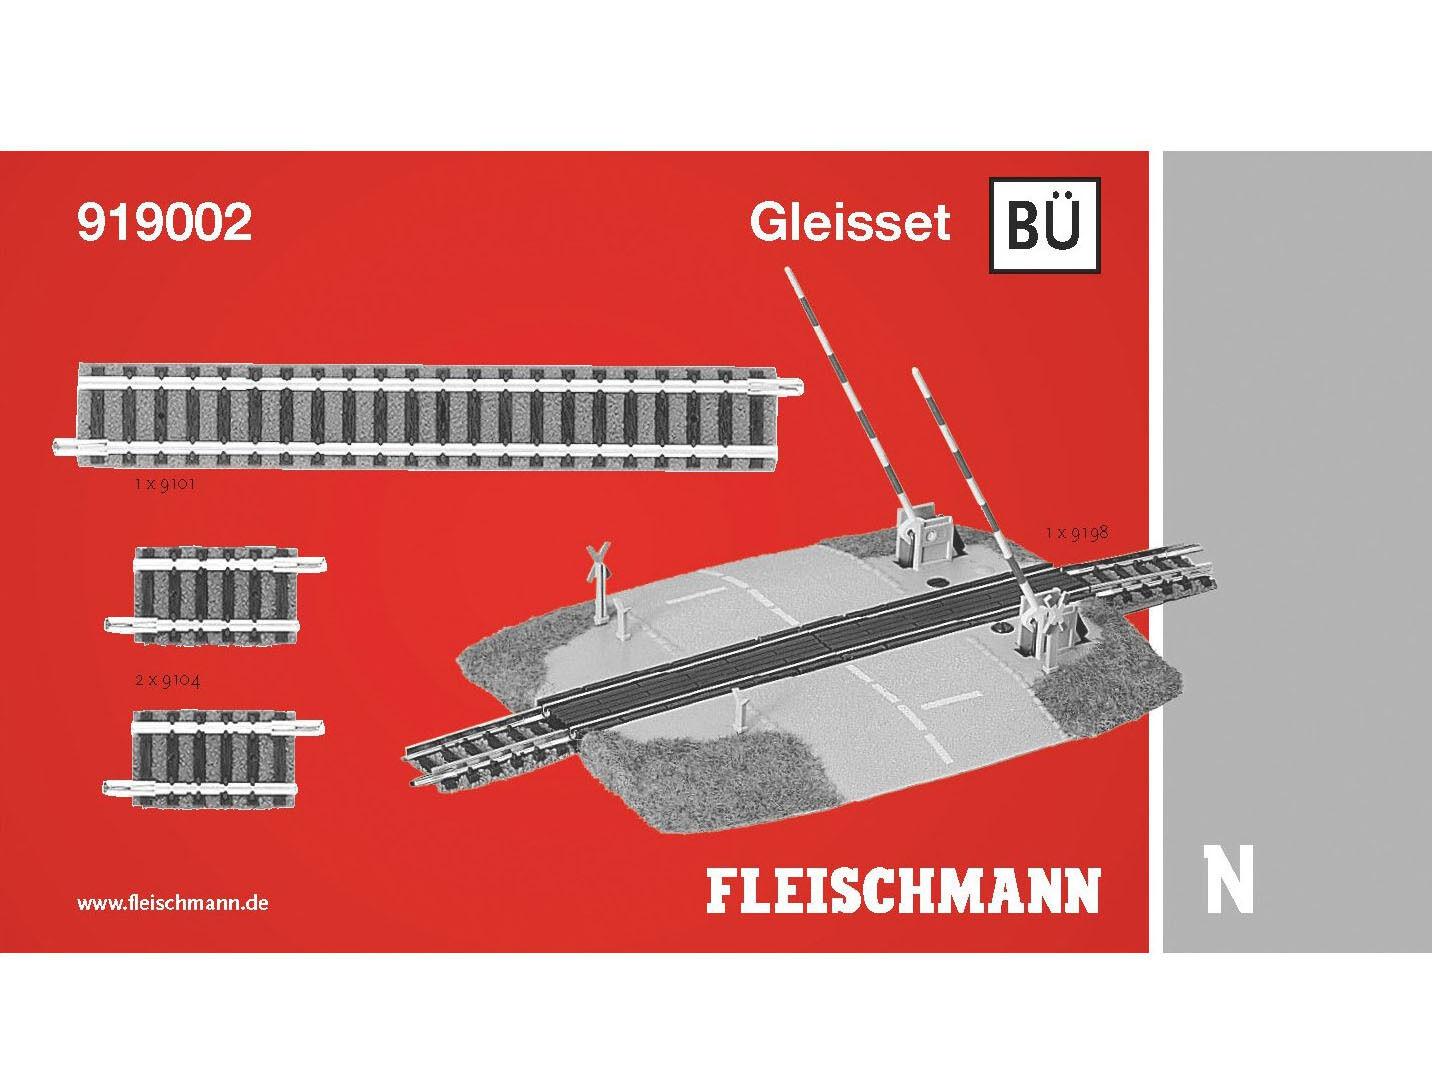 Fleischmann 919002-gleisset passaggio a livello-Spur N-NUOVO